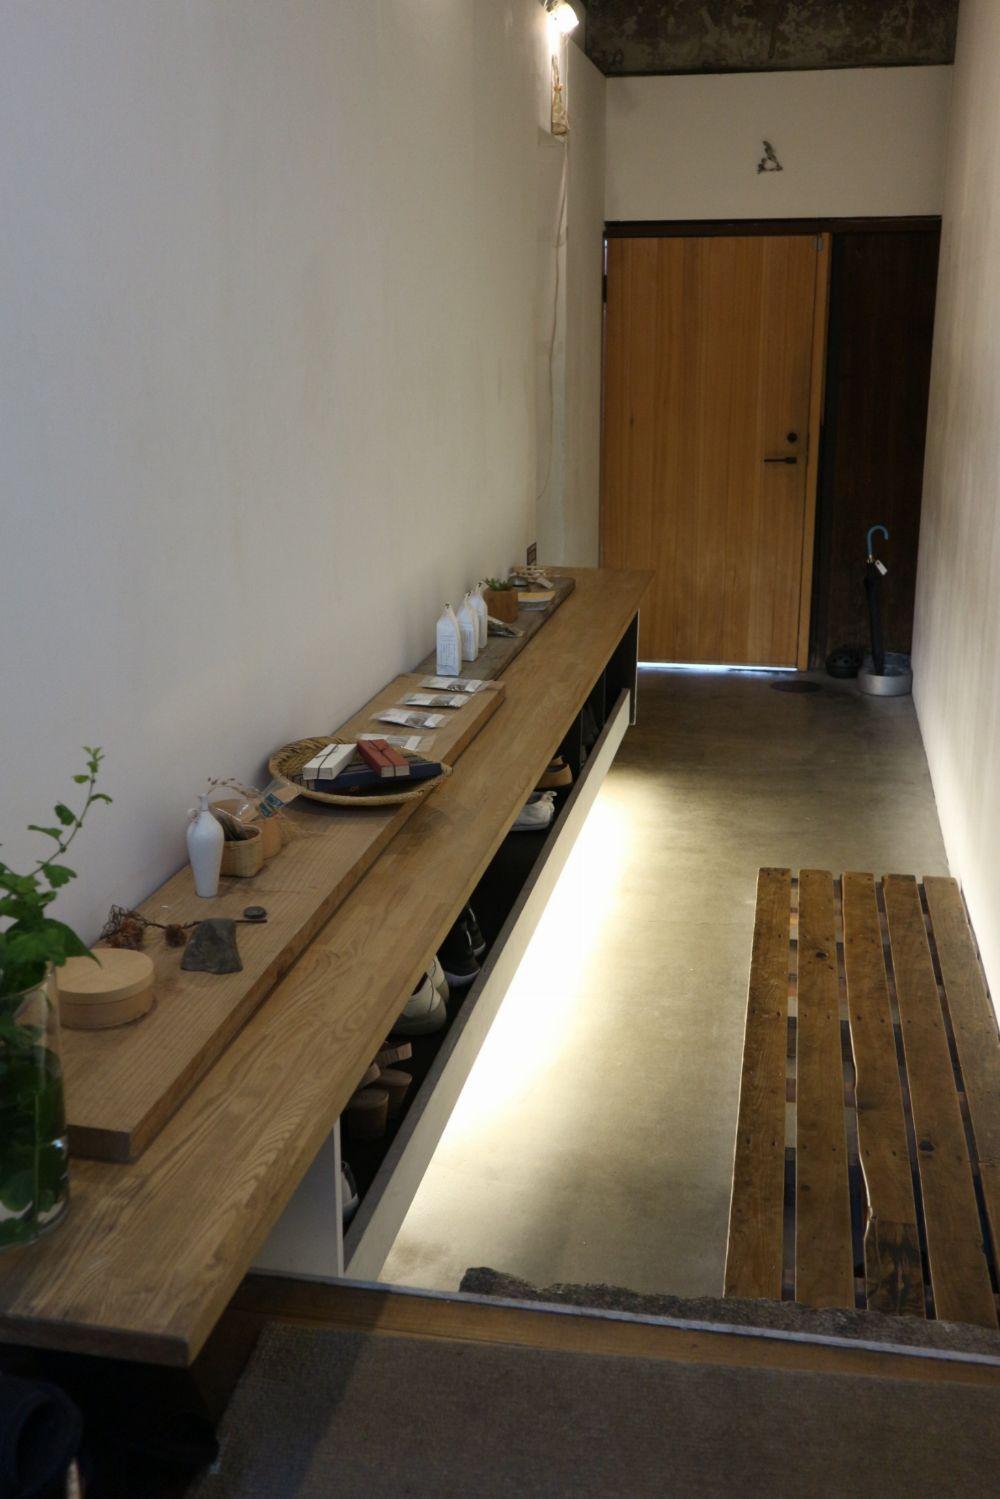 京都のおすすめランチ特集 - 京都女子旅や京都観光におすすめの和食店やレストラン7選_3